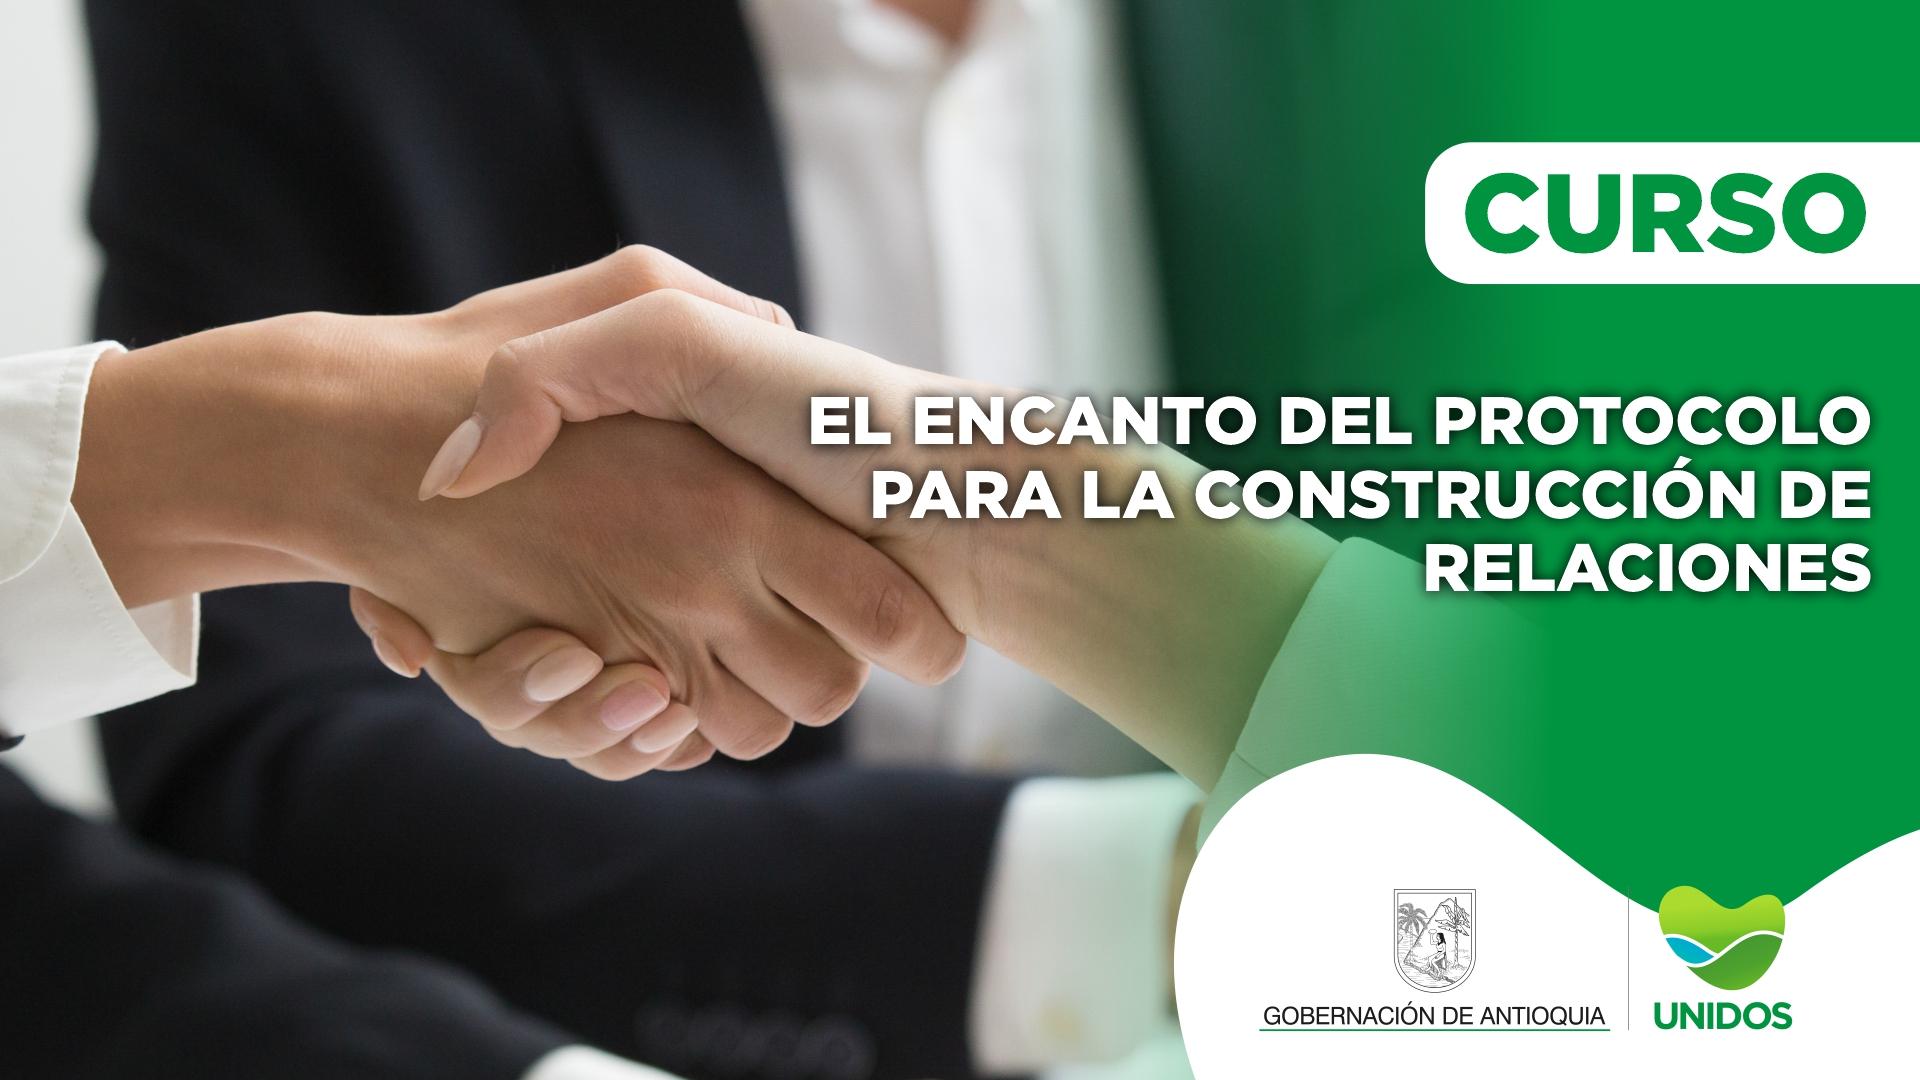 Course Image CURSO: EL ENCANTO DEL PROTOCOLO PARA LA CONSTRUCCIÓN DE RELACIONES